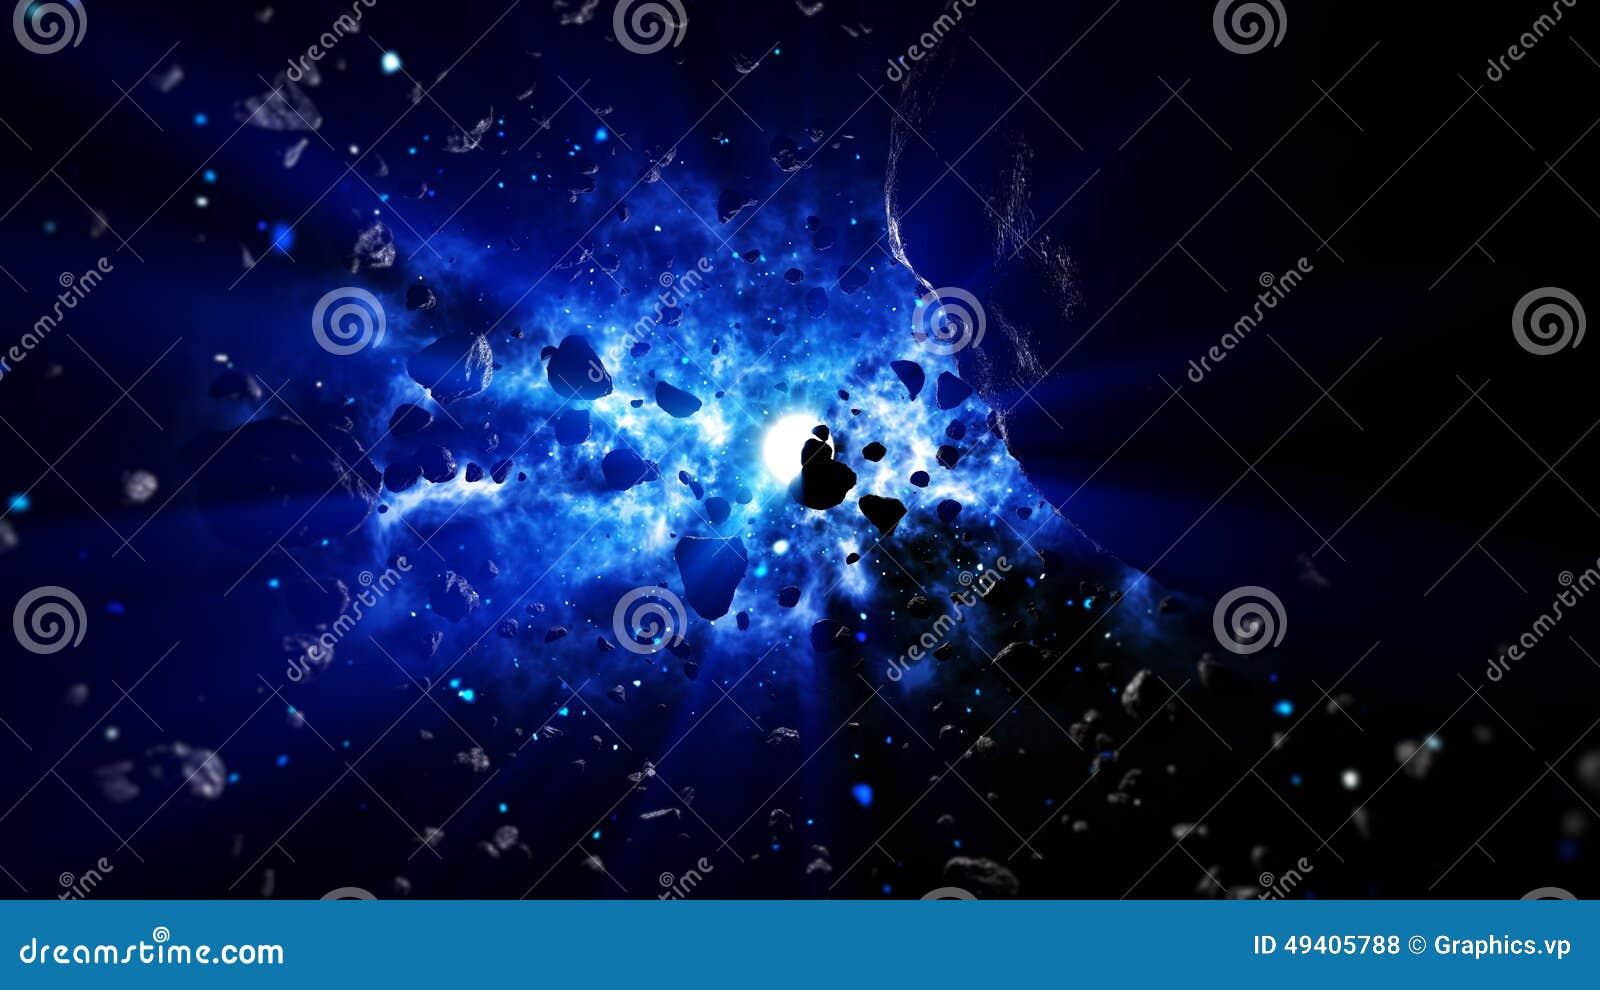 Download Realistische Raum-Szene stock abbildung. Illustration von dunkel - 49405788